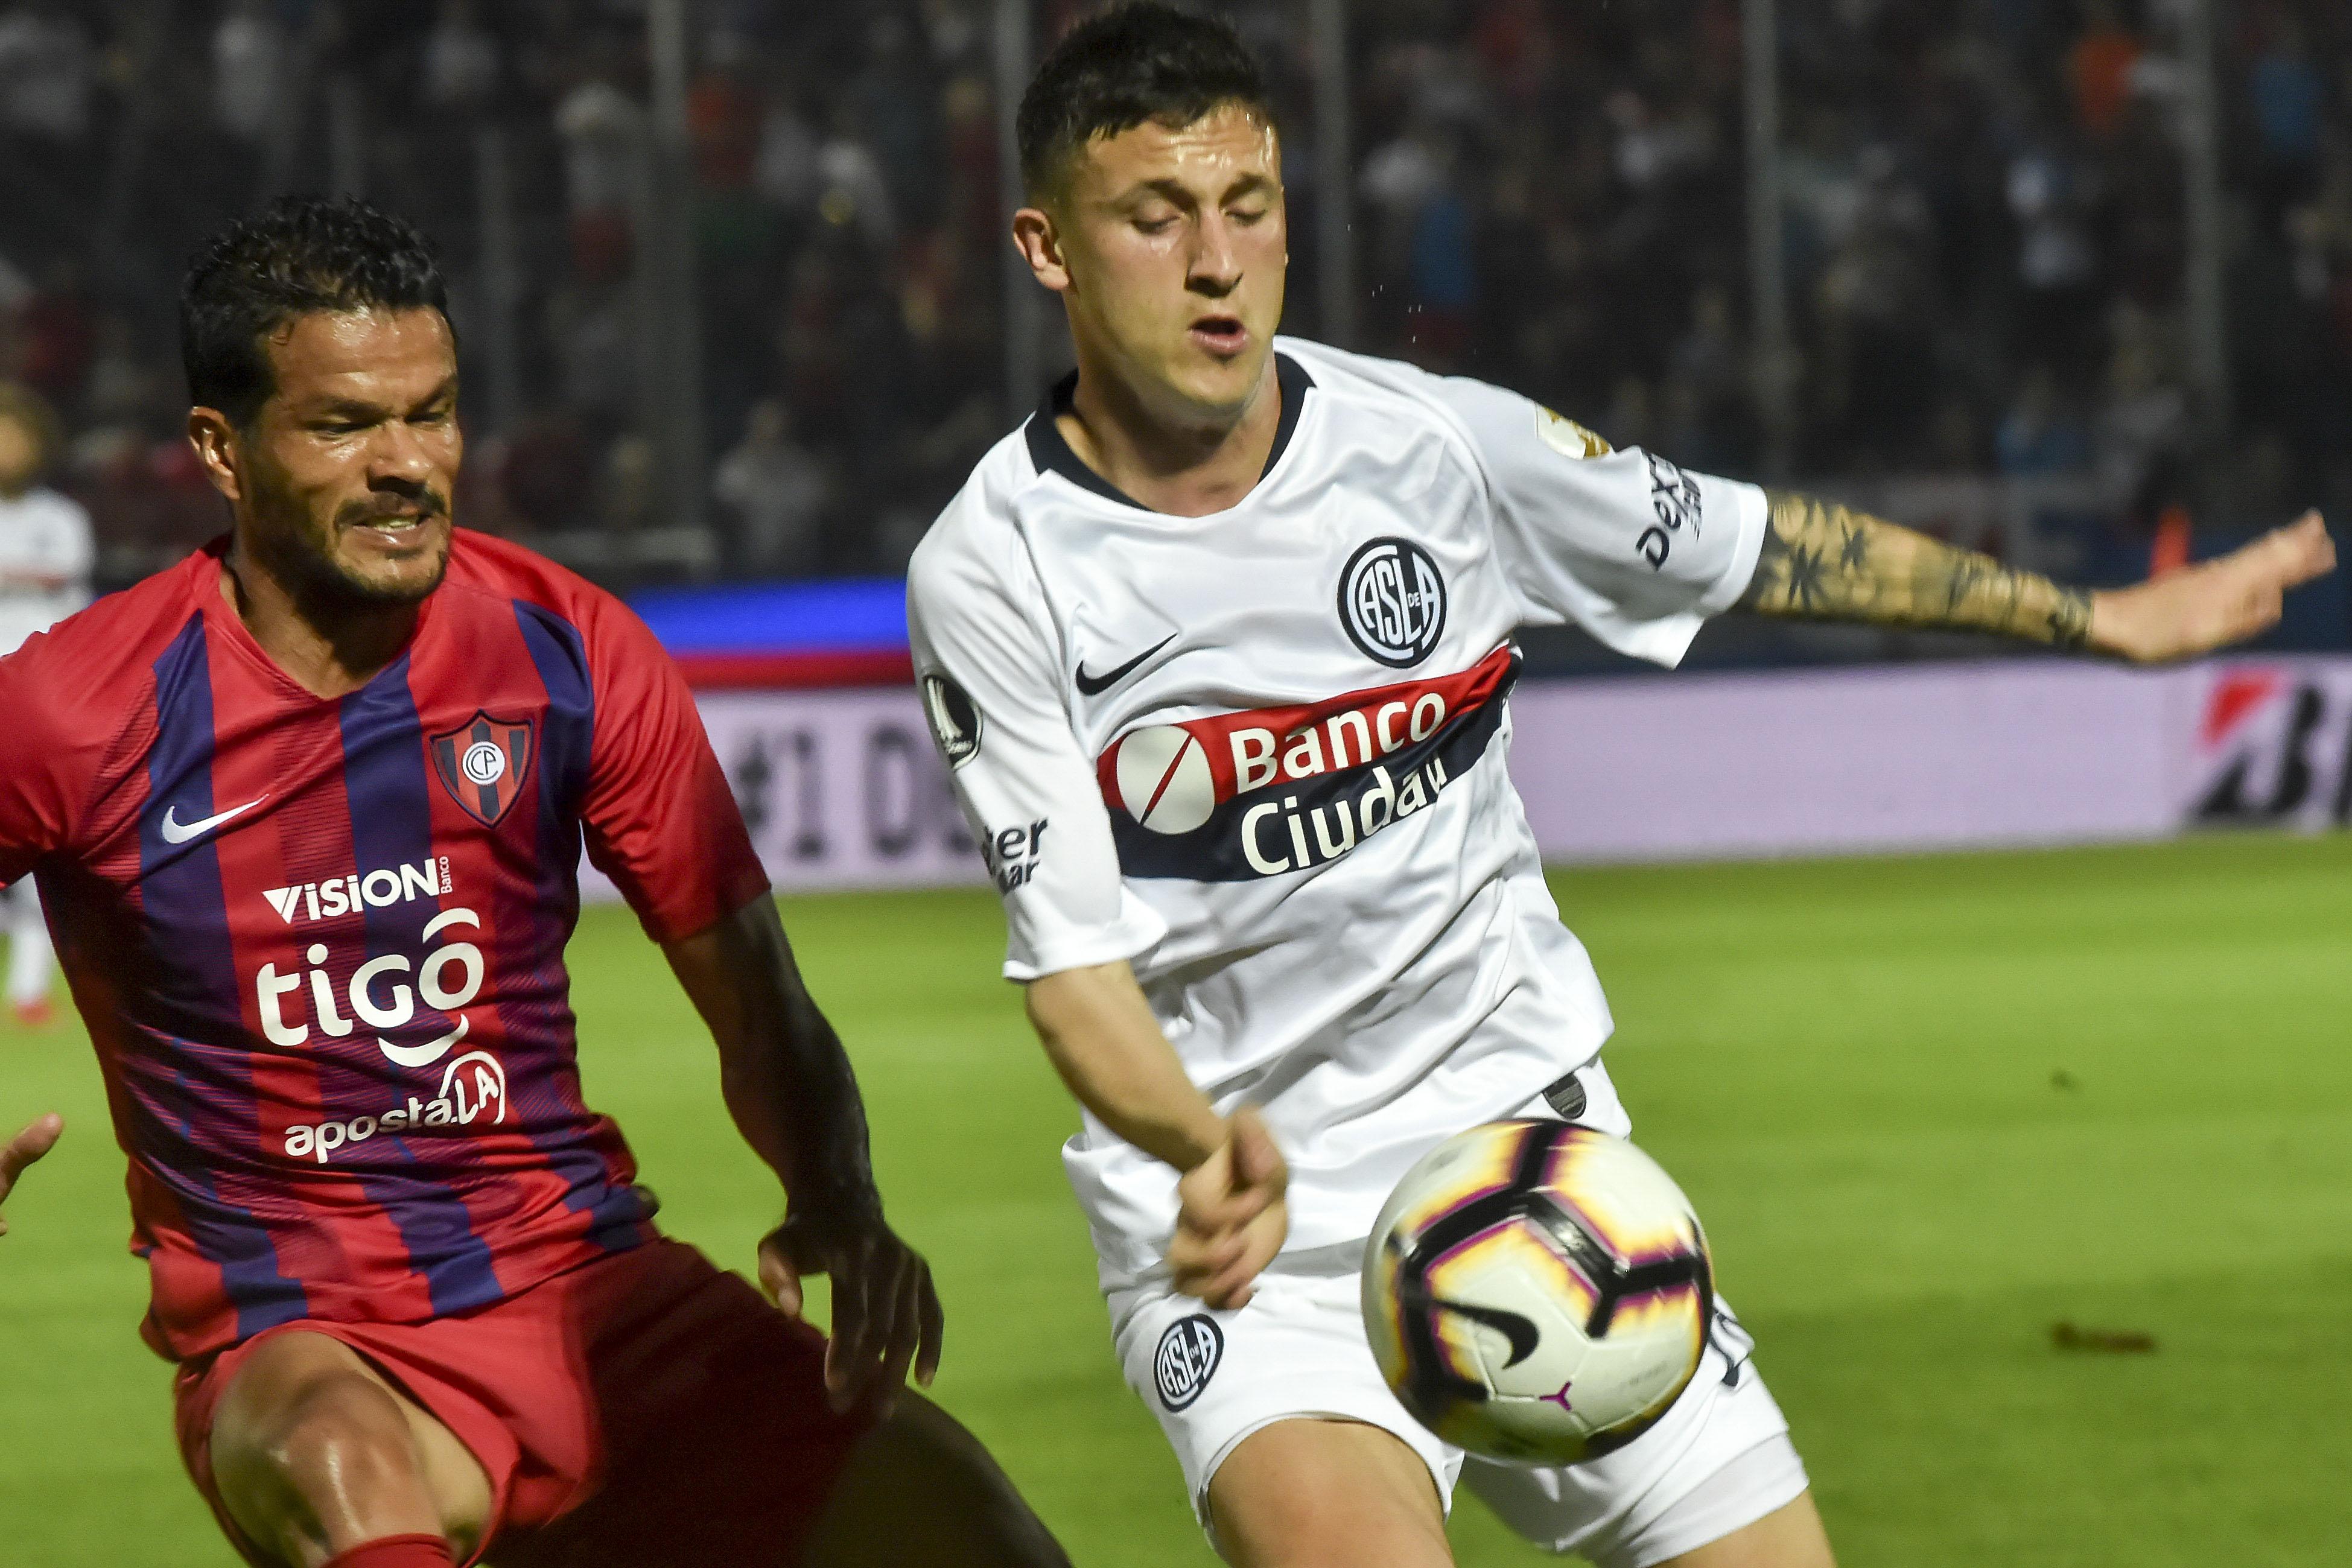 Los paraguayos dieron vuelta el resultado